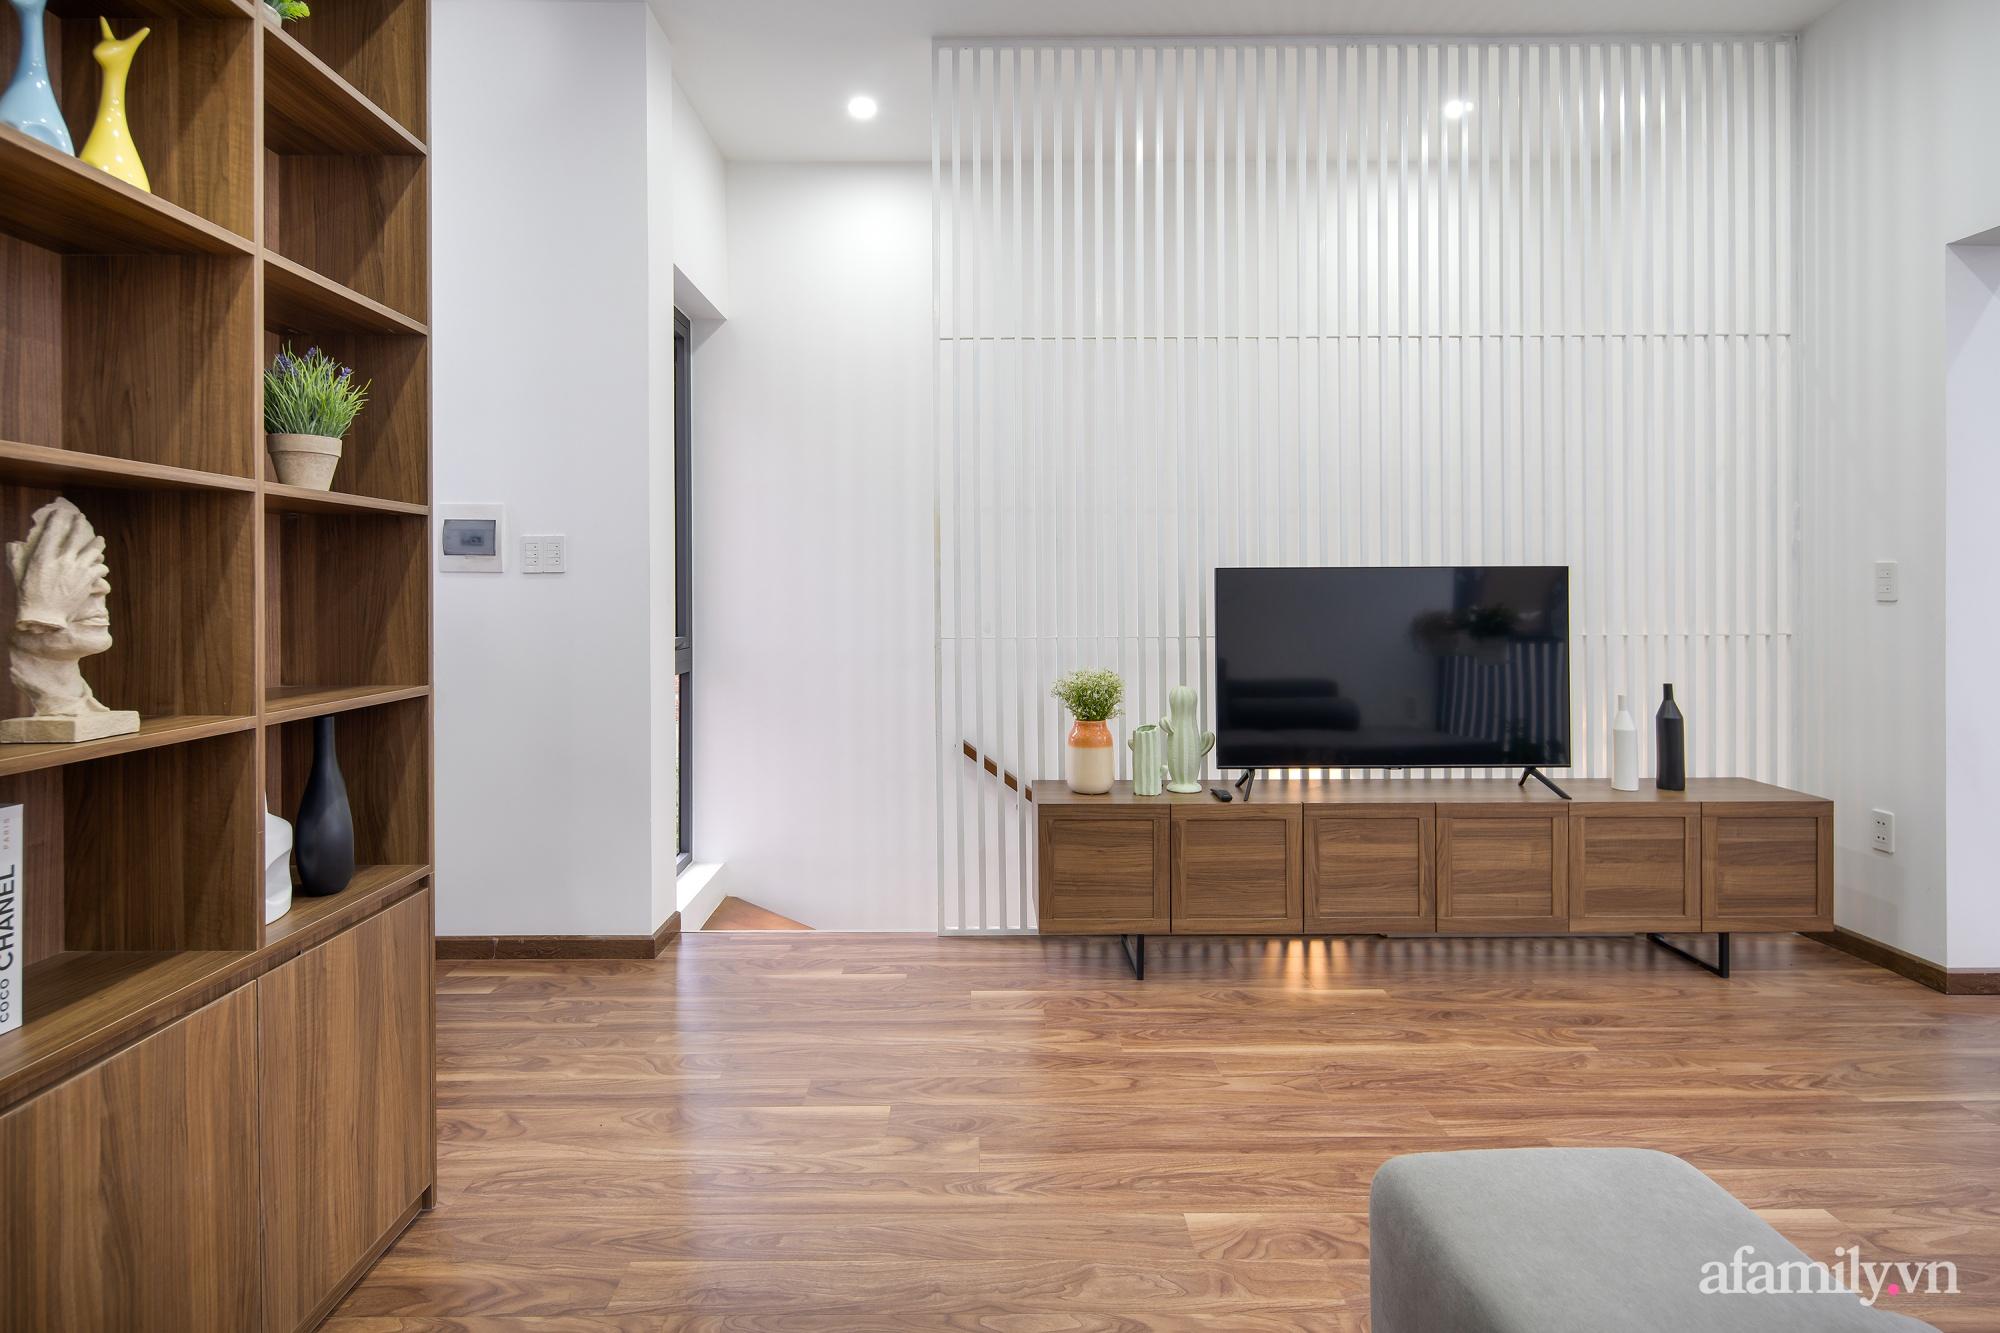 Nhà trong hẻm nhỏ vẫn ngập tràn ánh sáng, duyên dáng với nội thất tối giản ở Đà Nẵng - Ảnh 24.